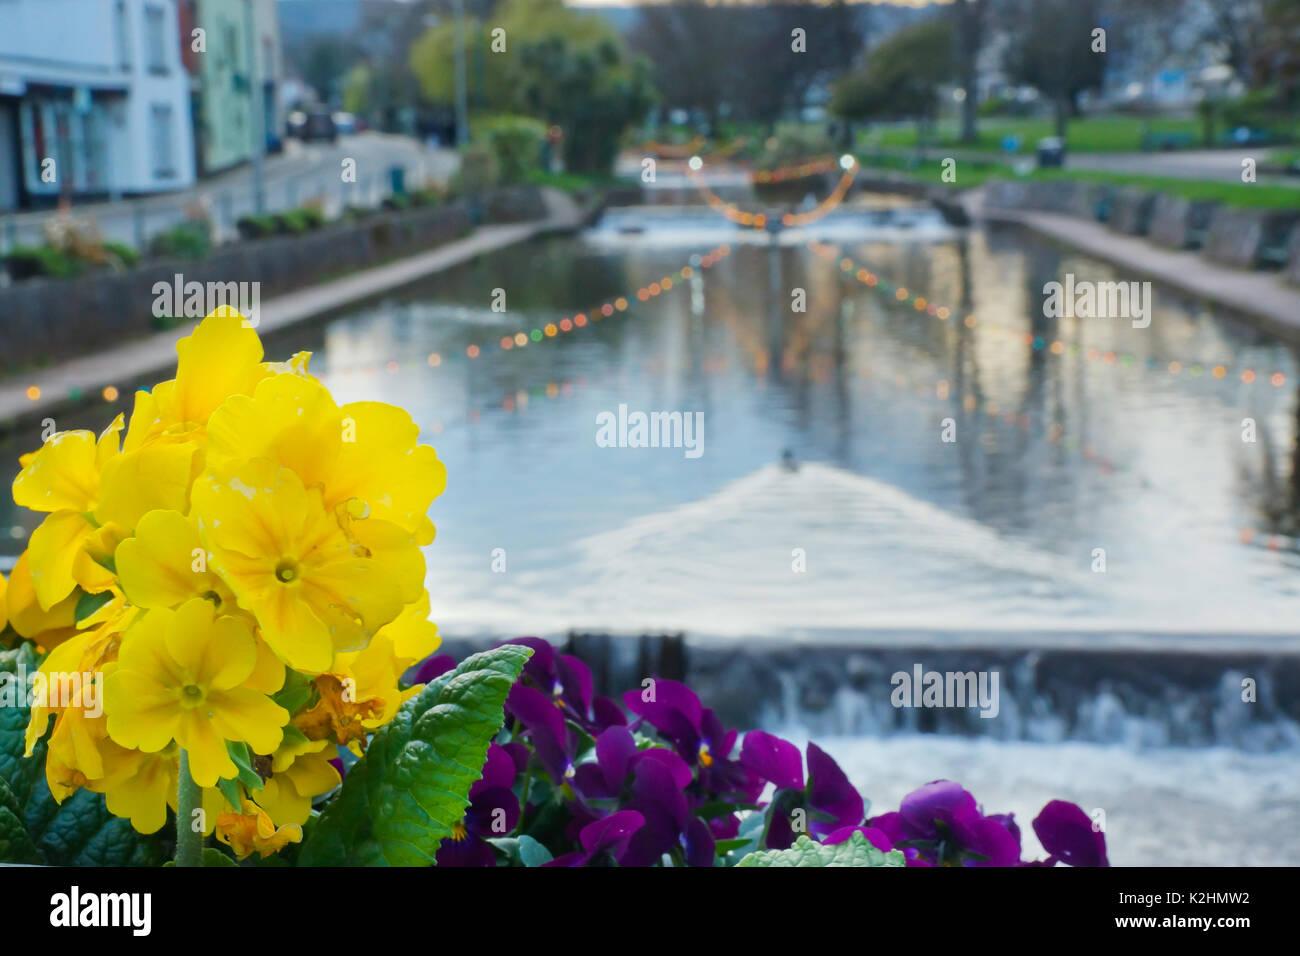 Flowers in Dawlish, UK - Stock Image